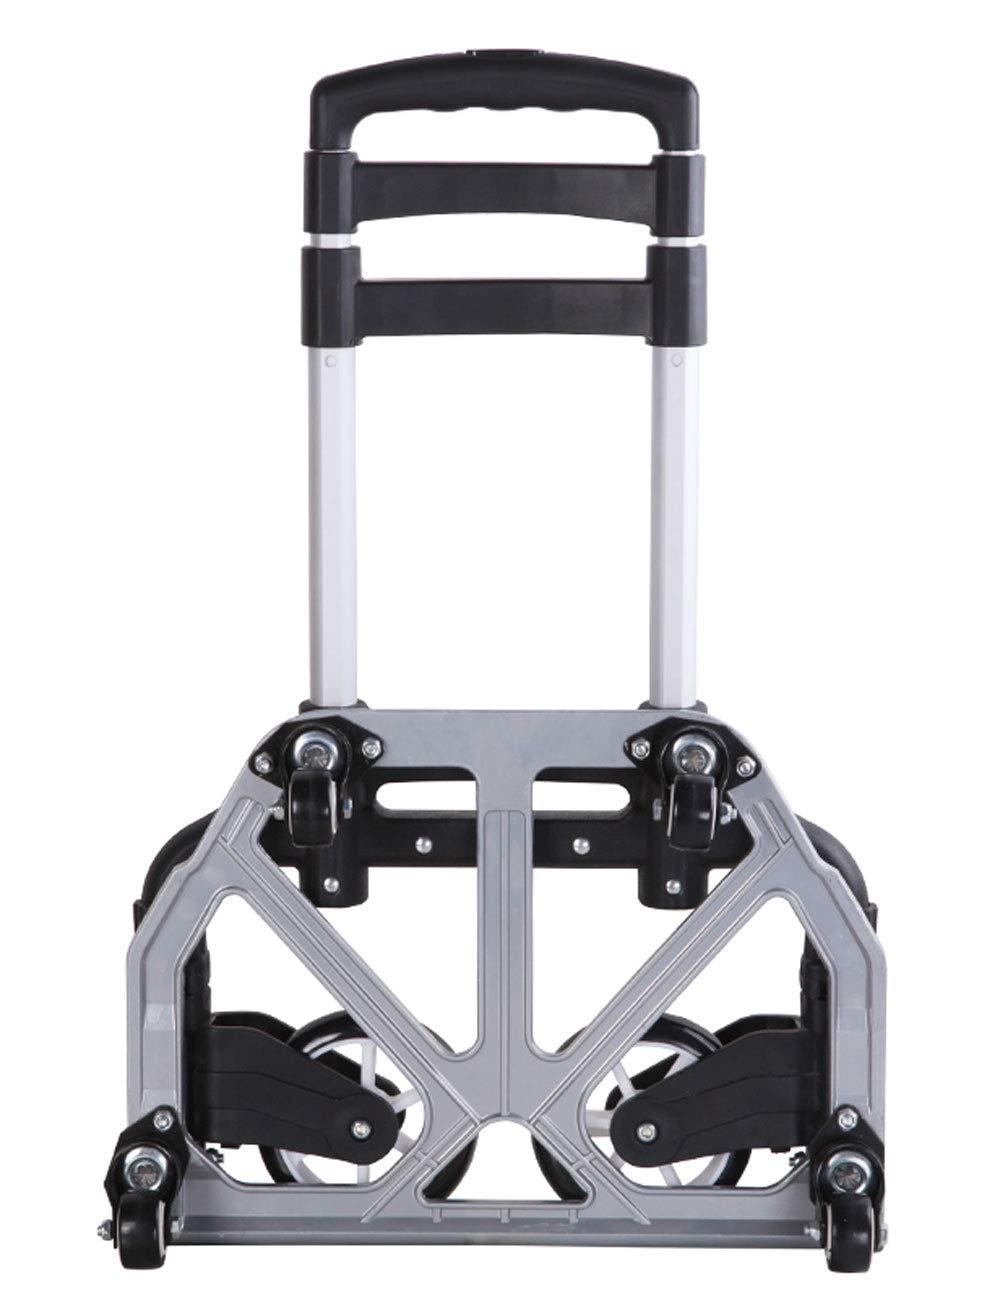 トロリーアルミニウム合金構造、耐荷重70kg、携帯用トロリー (色 : シルバー しるば゜) B07H8BLKDN シルバー しるば゜